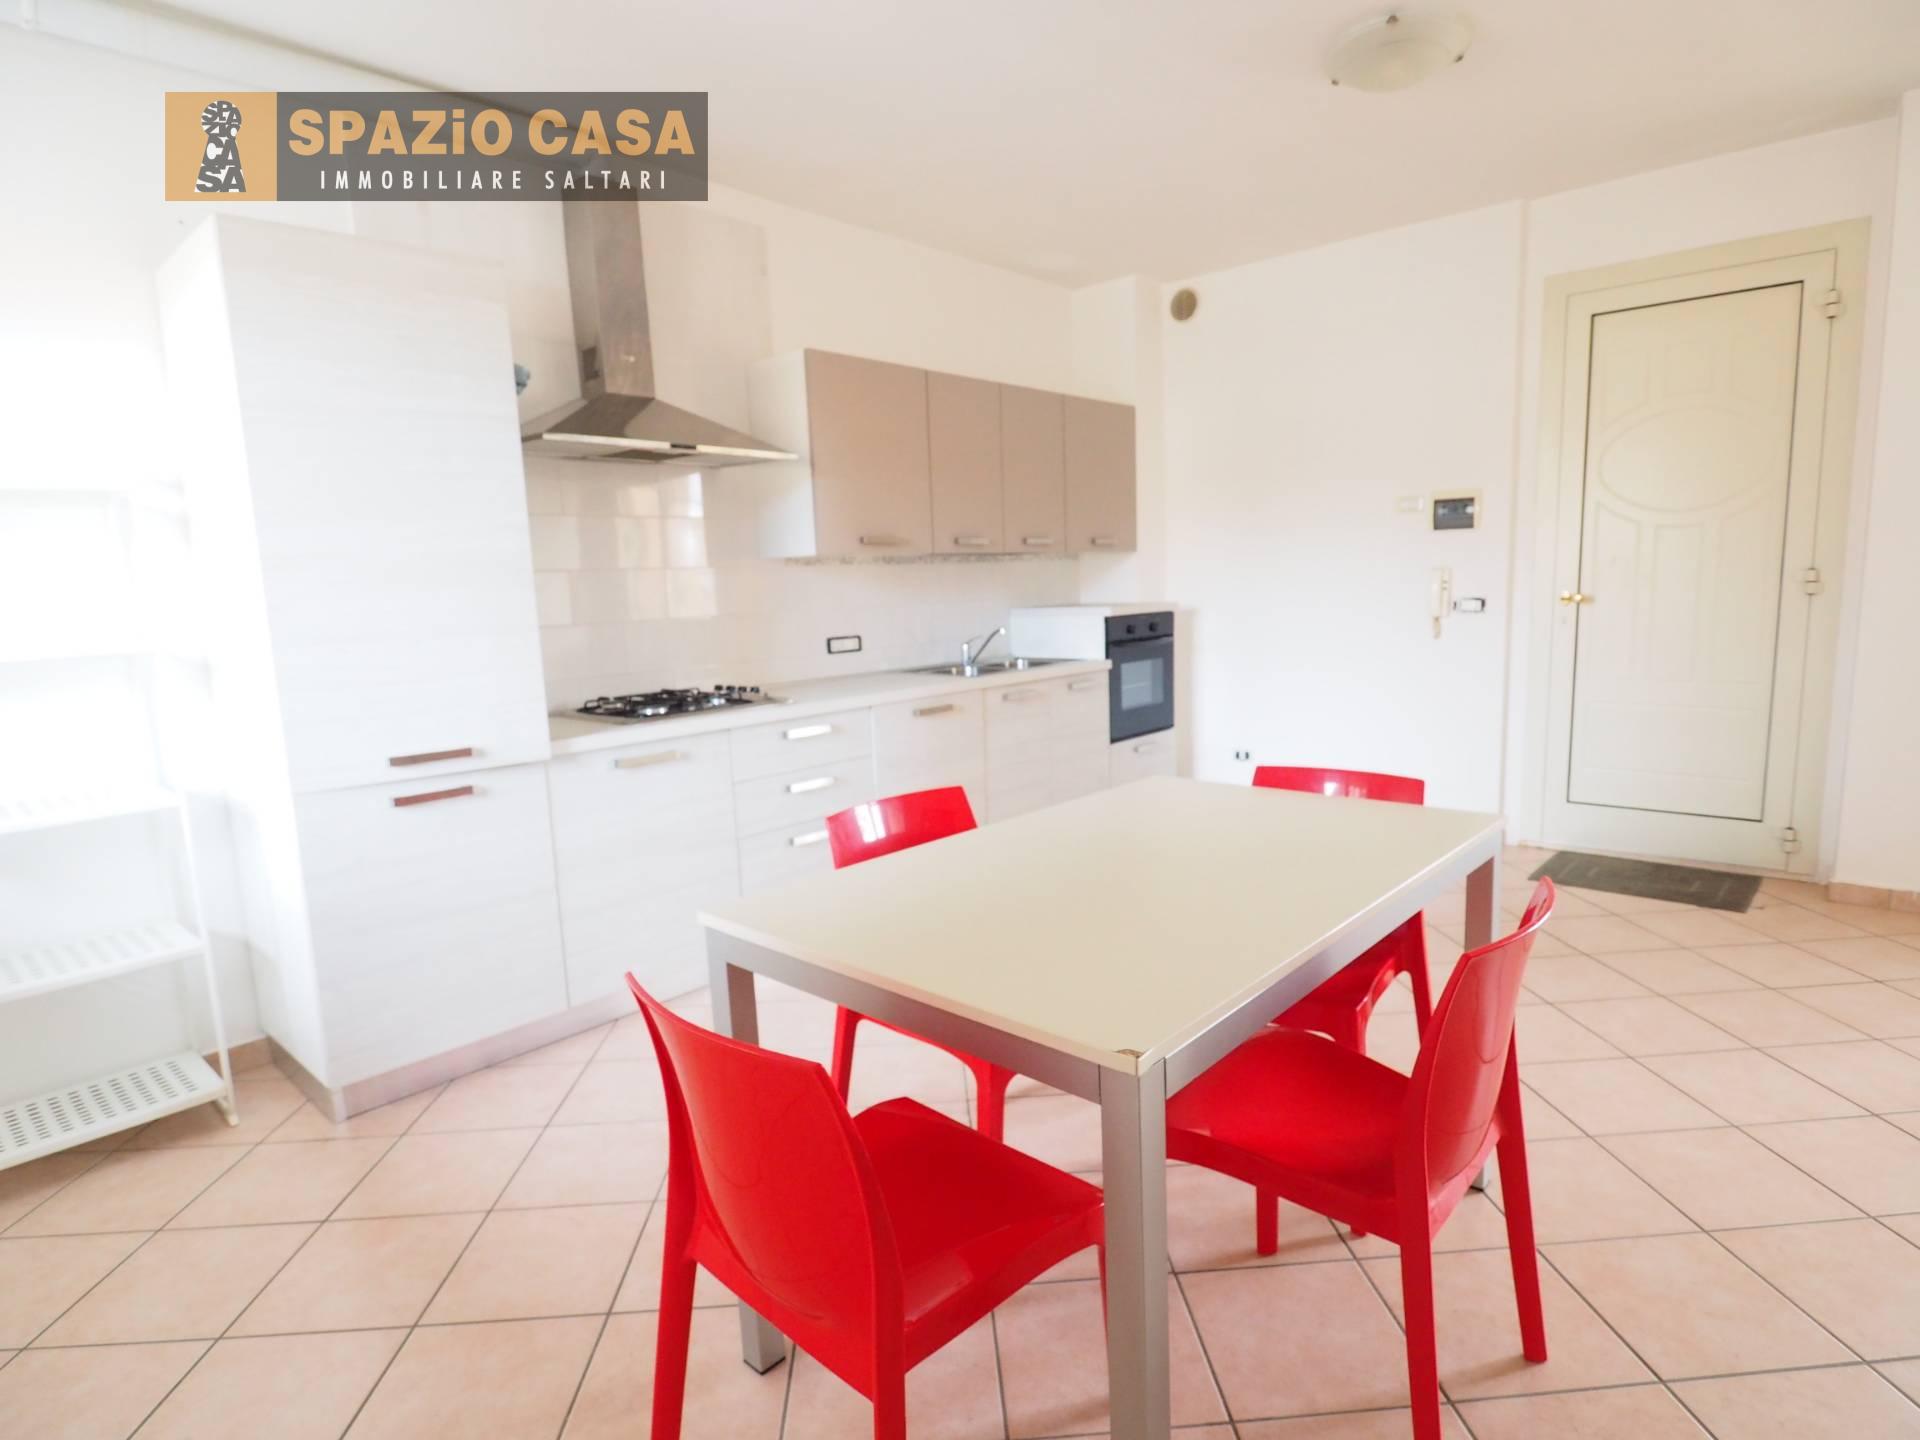 Appartamento in vendita a Morrovalle, 3 locali, prezzo € 59.000 | CambioCasa.it